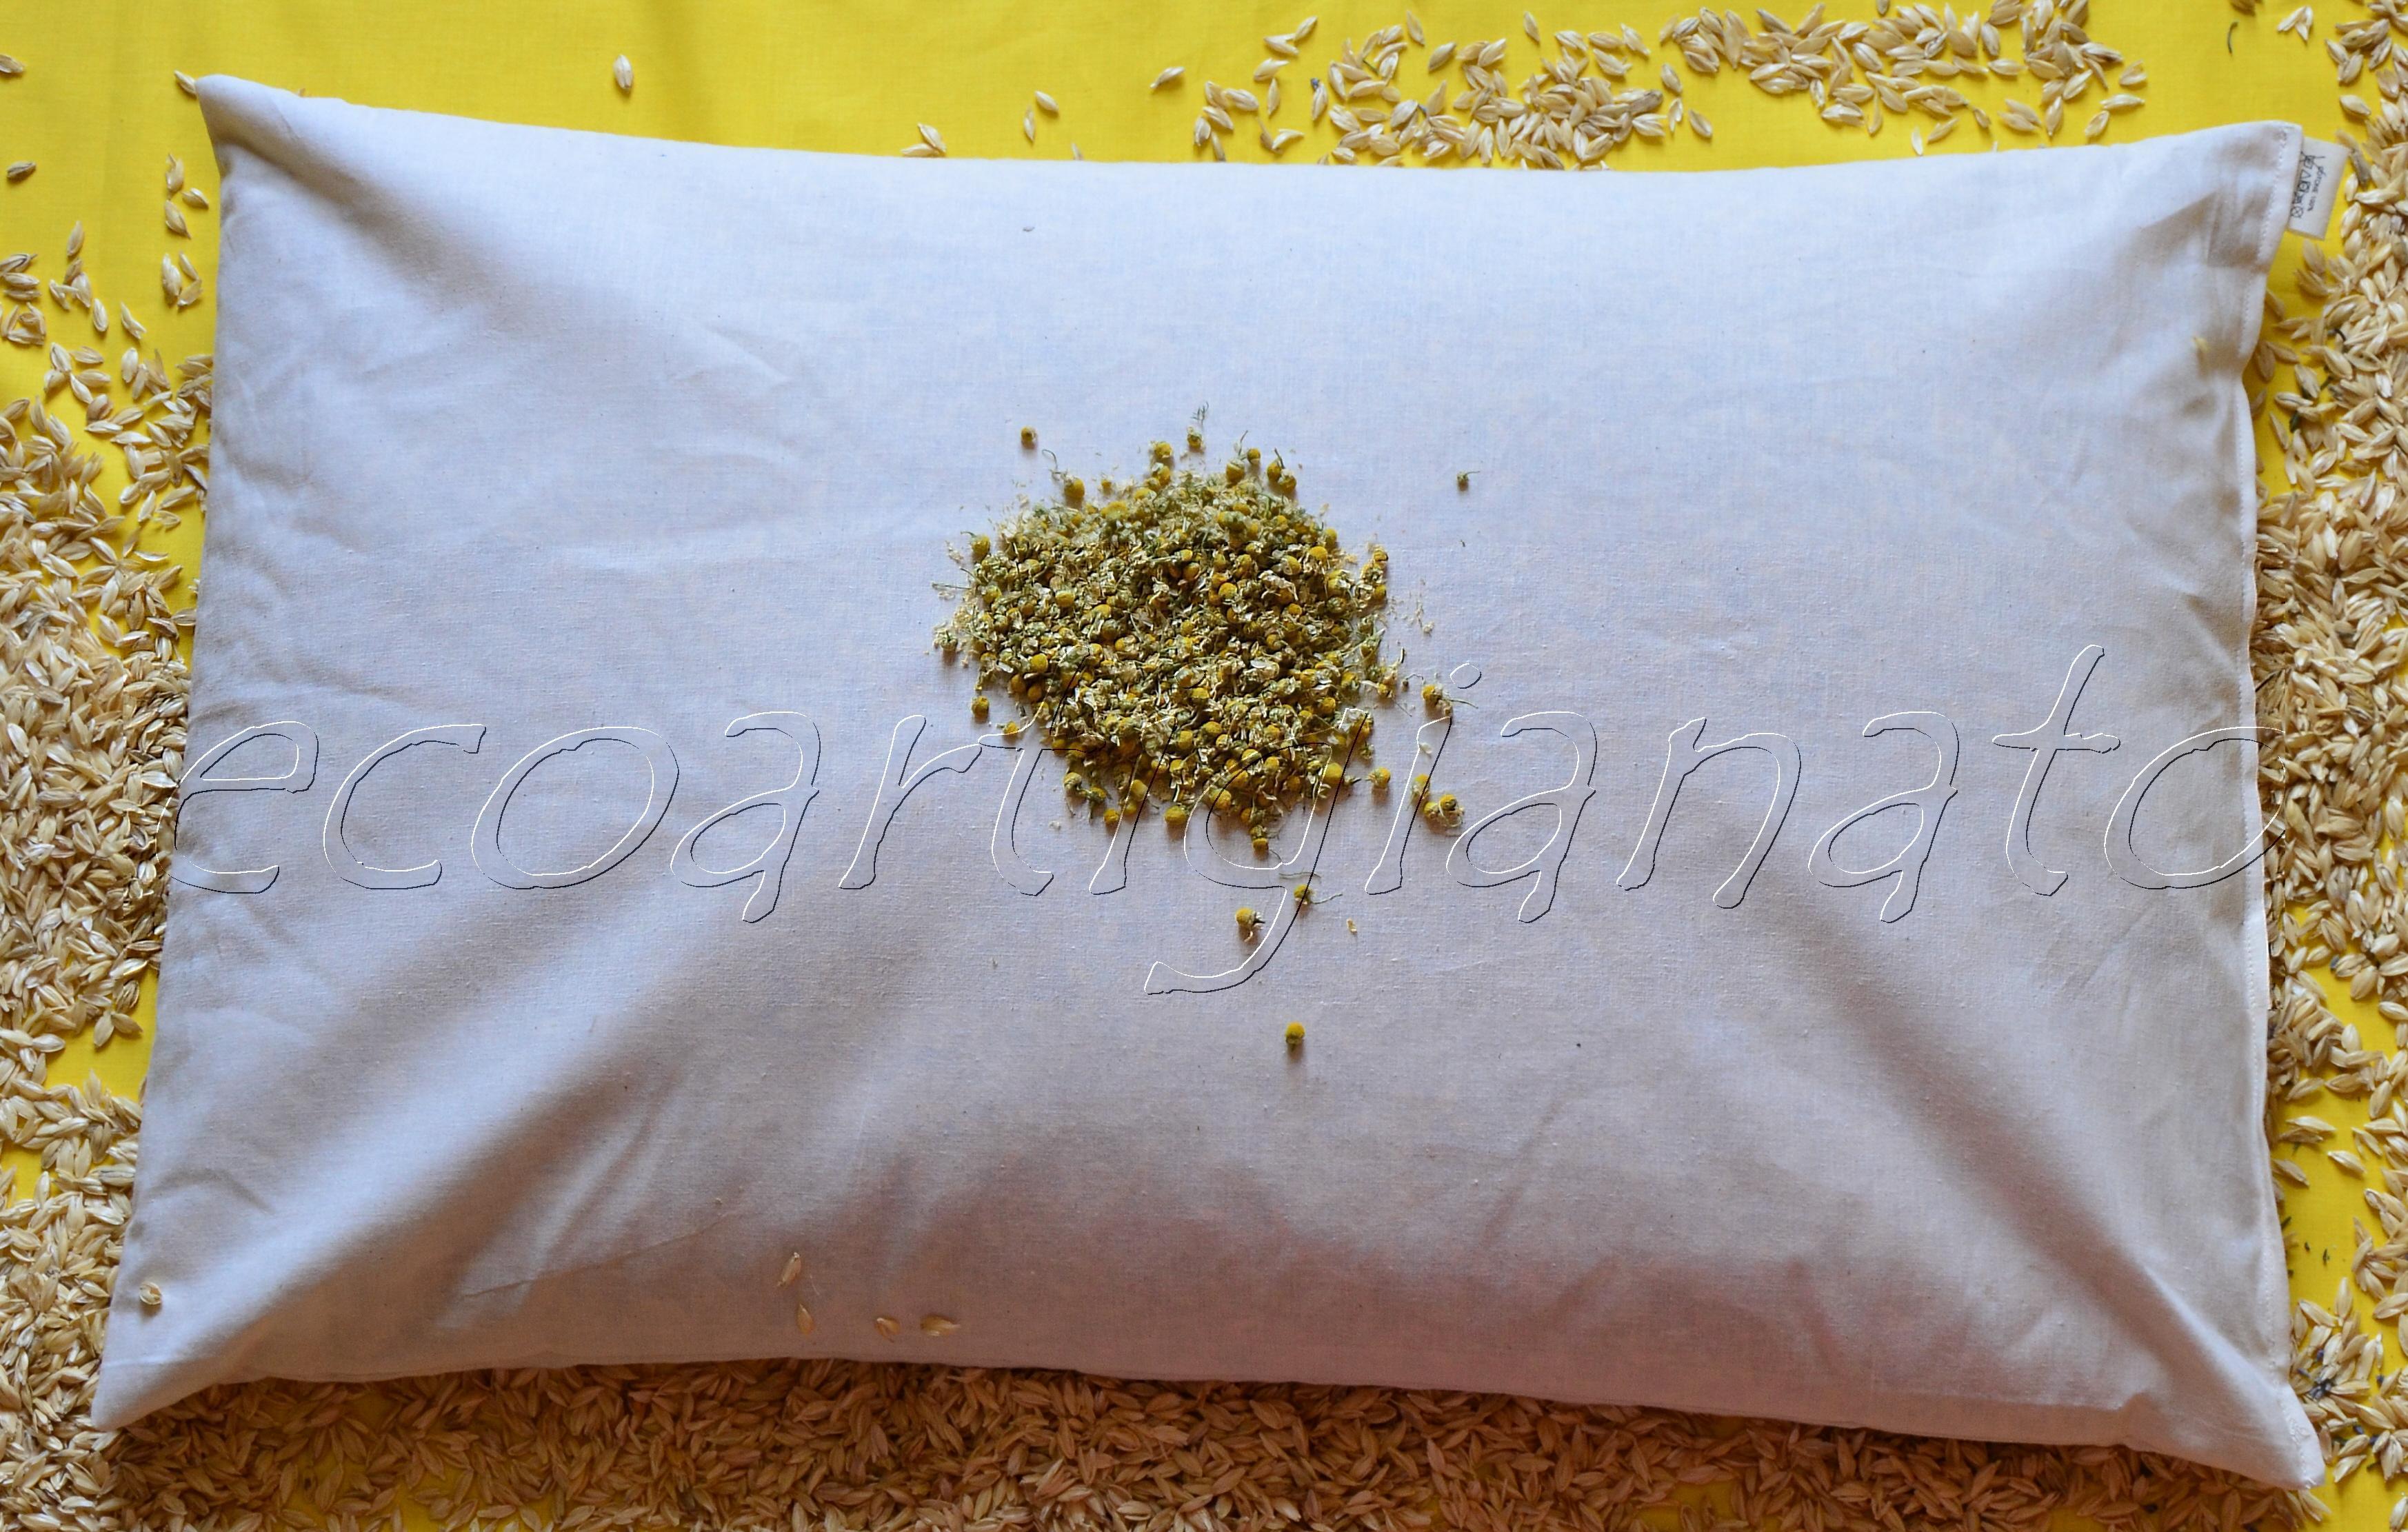 Cuscino Con Pula Di Farro.Aromaterapia Cuscino Guanciale 70x45 Con Pula Di Farro Biologica E Camomilla